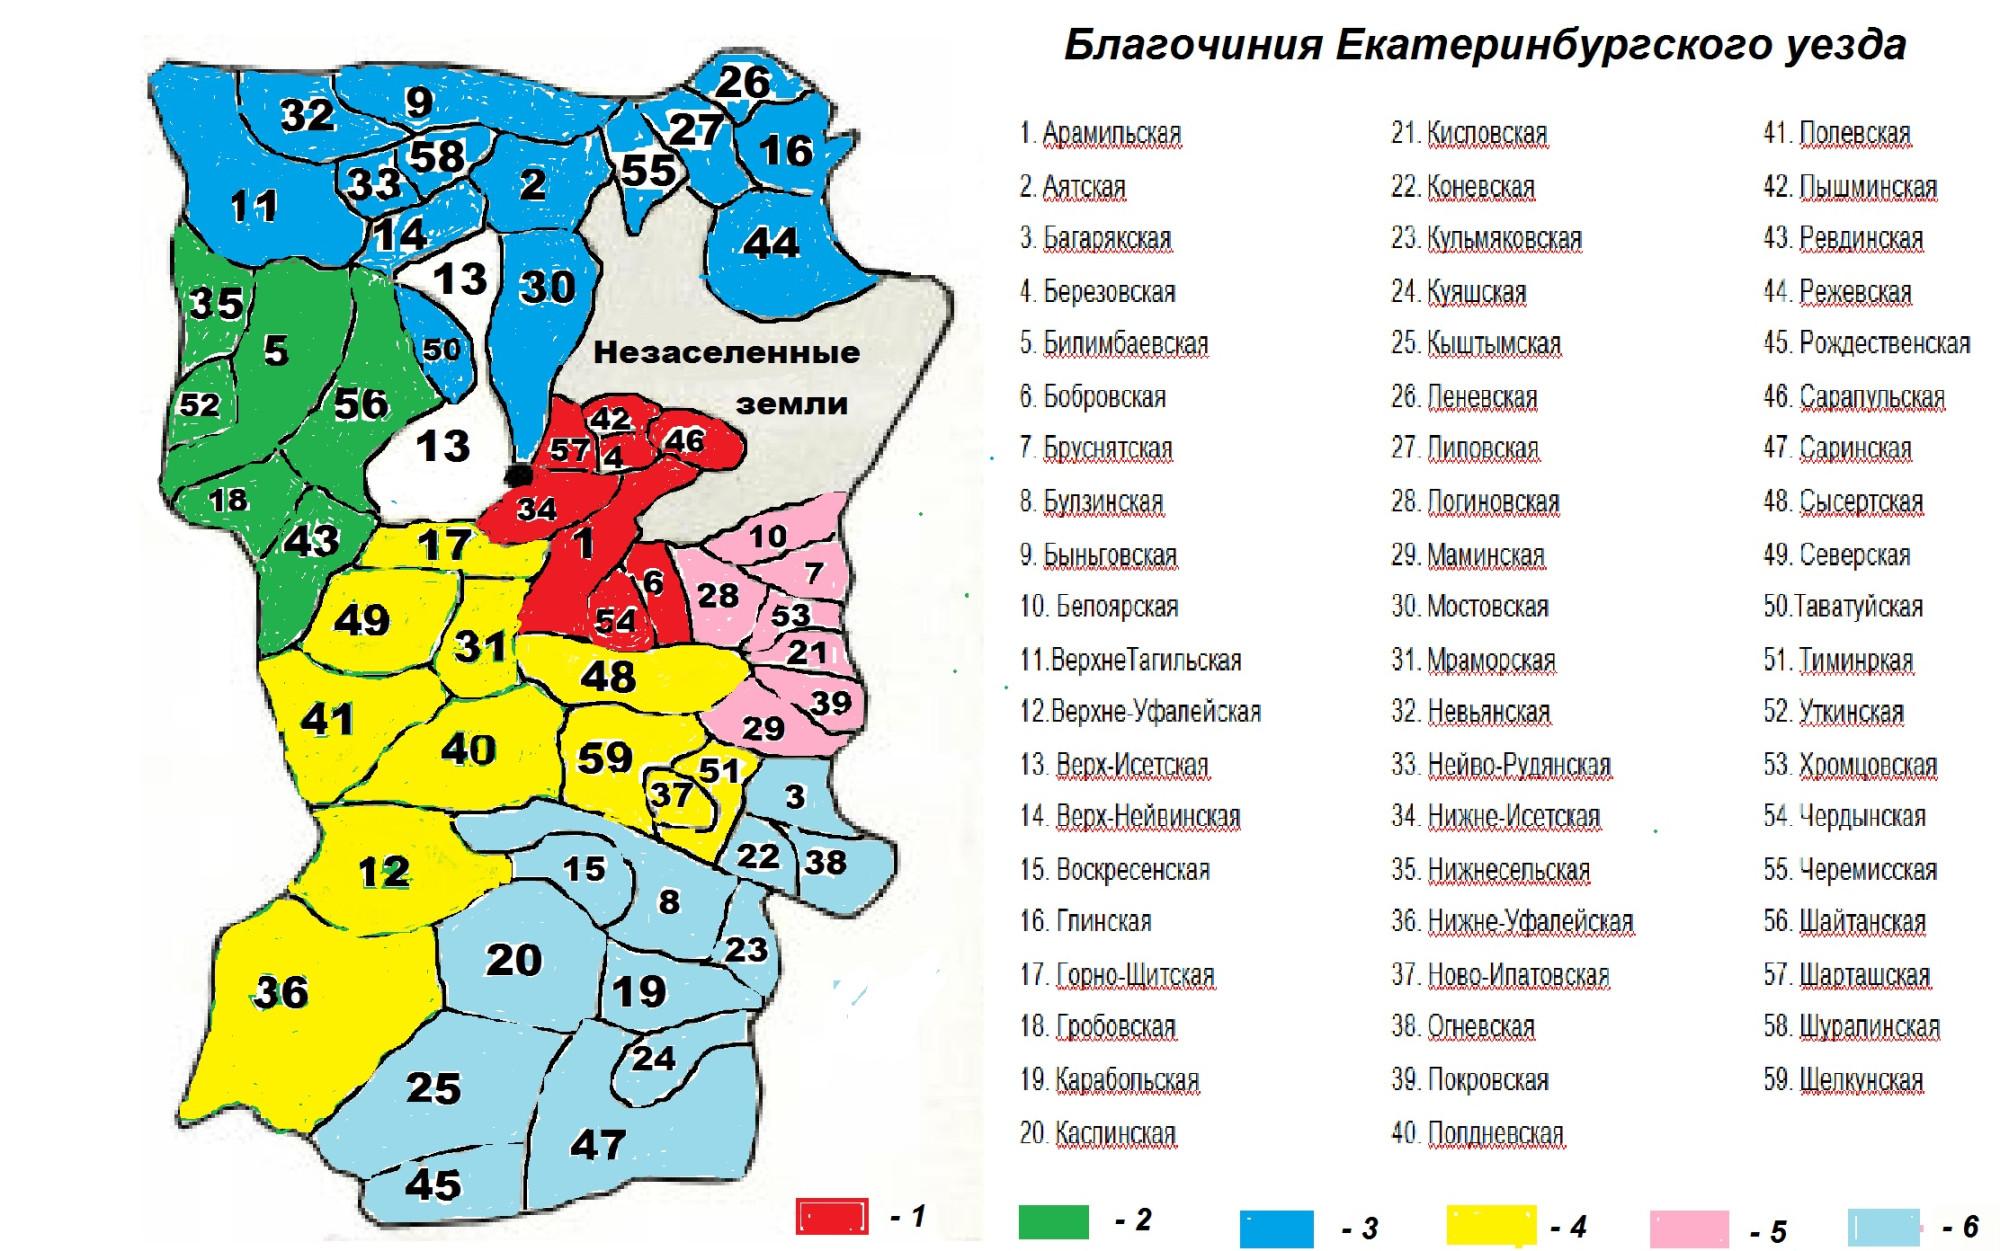 Благочинные округа. 6 округов.